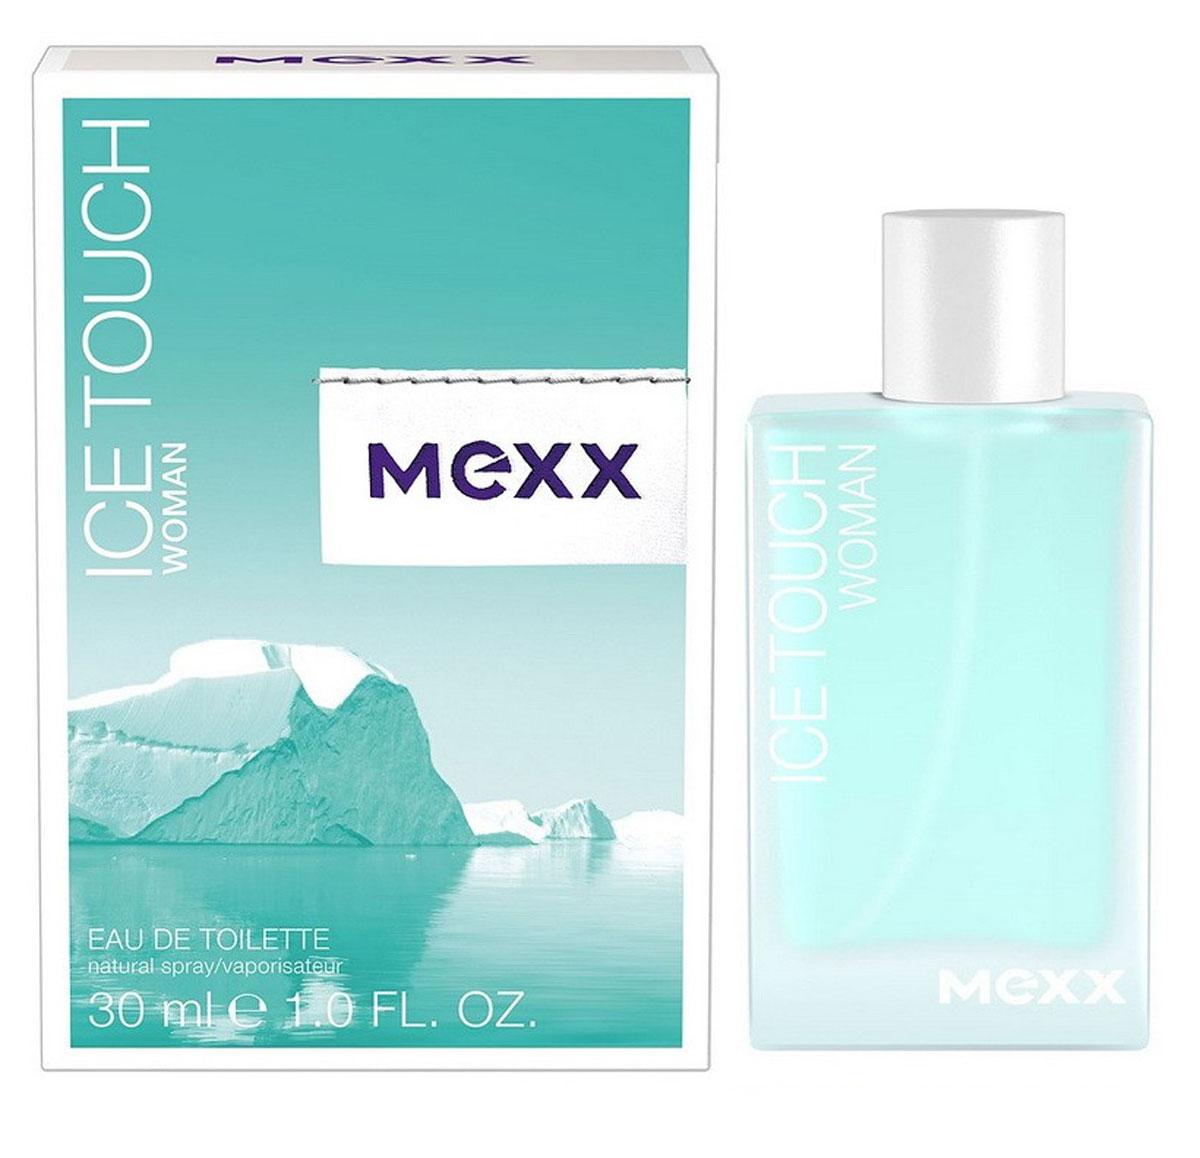 Mexx Туалетная вода Ice Touch Woman, женская, 30 мл58789542000Ice Touch от Mexx - аромат, в котором флиртуют жар и холод: лед тает, давая волю чувствам, опьяняя и разжигая страсть. Женщина Mexx Ice Touch толкает мужчин на безумства, она настолько дерзкая, что заставляет лед расколоться просто от одного своего взгляда. Классификация аромата: фруктовый, цветочный, водный. Пирамида аромата: Верхние ноты: ежевика, ледяной чай с лимоном, розовый перец. Ноты сердца: листья мяты, белый цикламен, цветы апельсина. Ноты шлейфа: кедр, малина, мускус.Верхняя нота: Цитрусы, Ежевика, Розовый перец, Акватические ноты.Средняя нота: Апельсиновый цвет, Цикламен, Кориандр, Мята.Шлейф: Амбра, Кедр, Малина, Мускус.Освежающий эффект водного аккорда подчеркивается прохладой листьев мяты.Дневной и вечерний аромат.